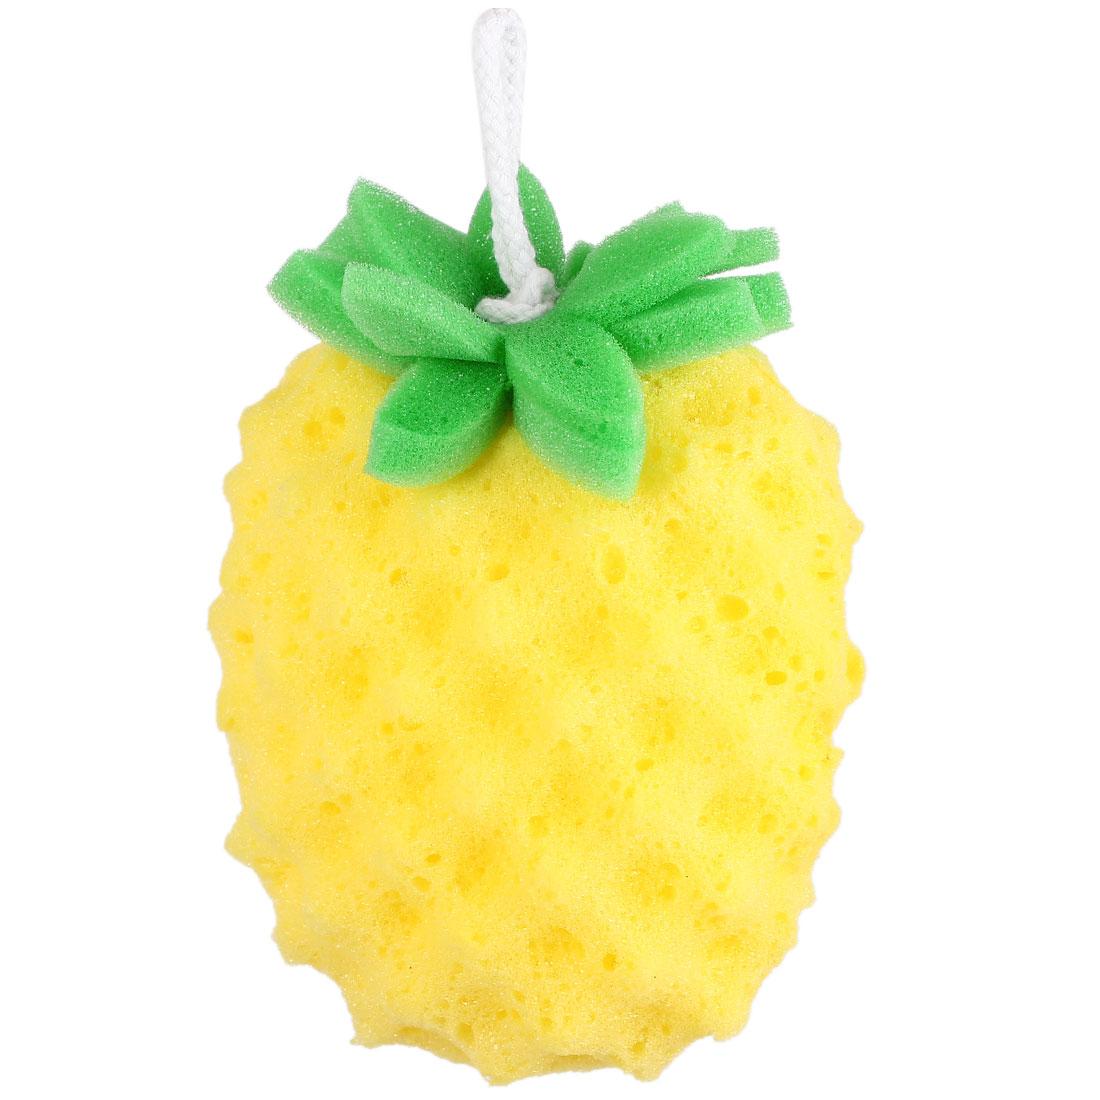 Yellow Pineapple Shape Bath Sponge Body Exfoliate Shower Loop Scrubber